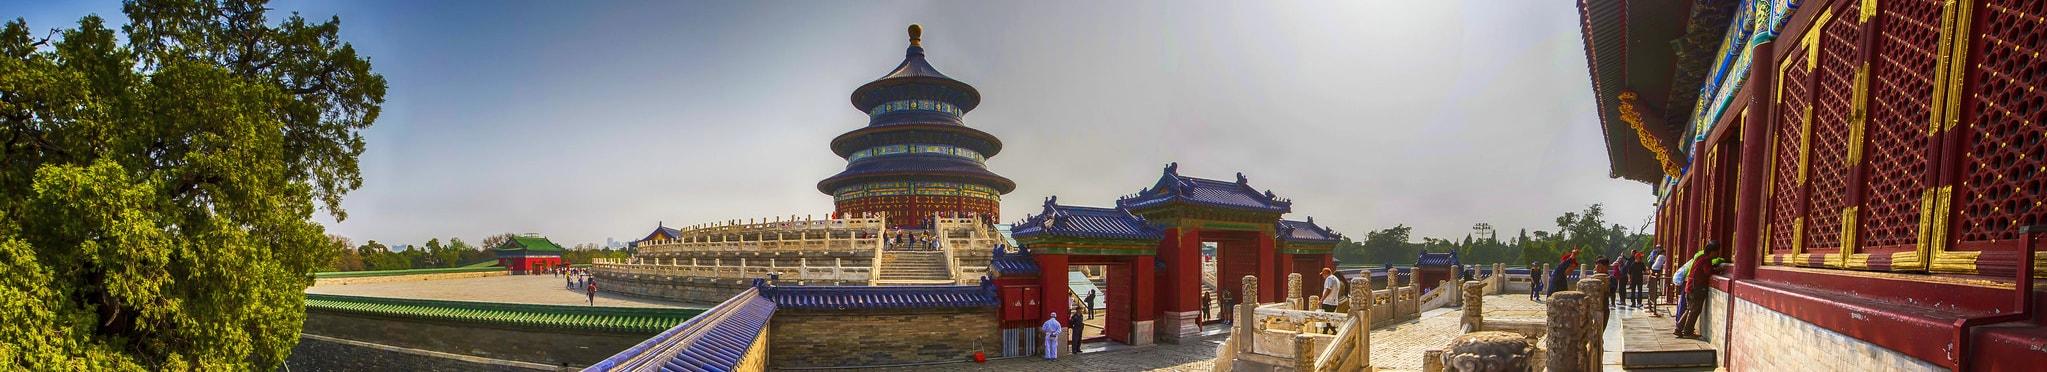 Дворцы Поднебесной <br> Пекин — Сиань — Лоян — Сучжоу — Шанхай